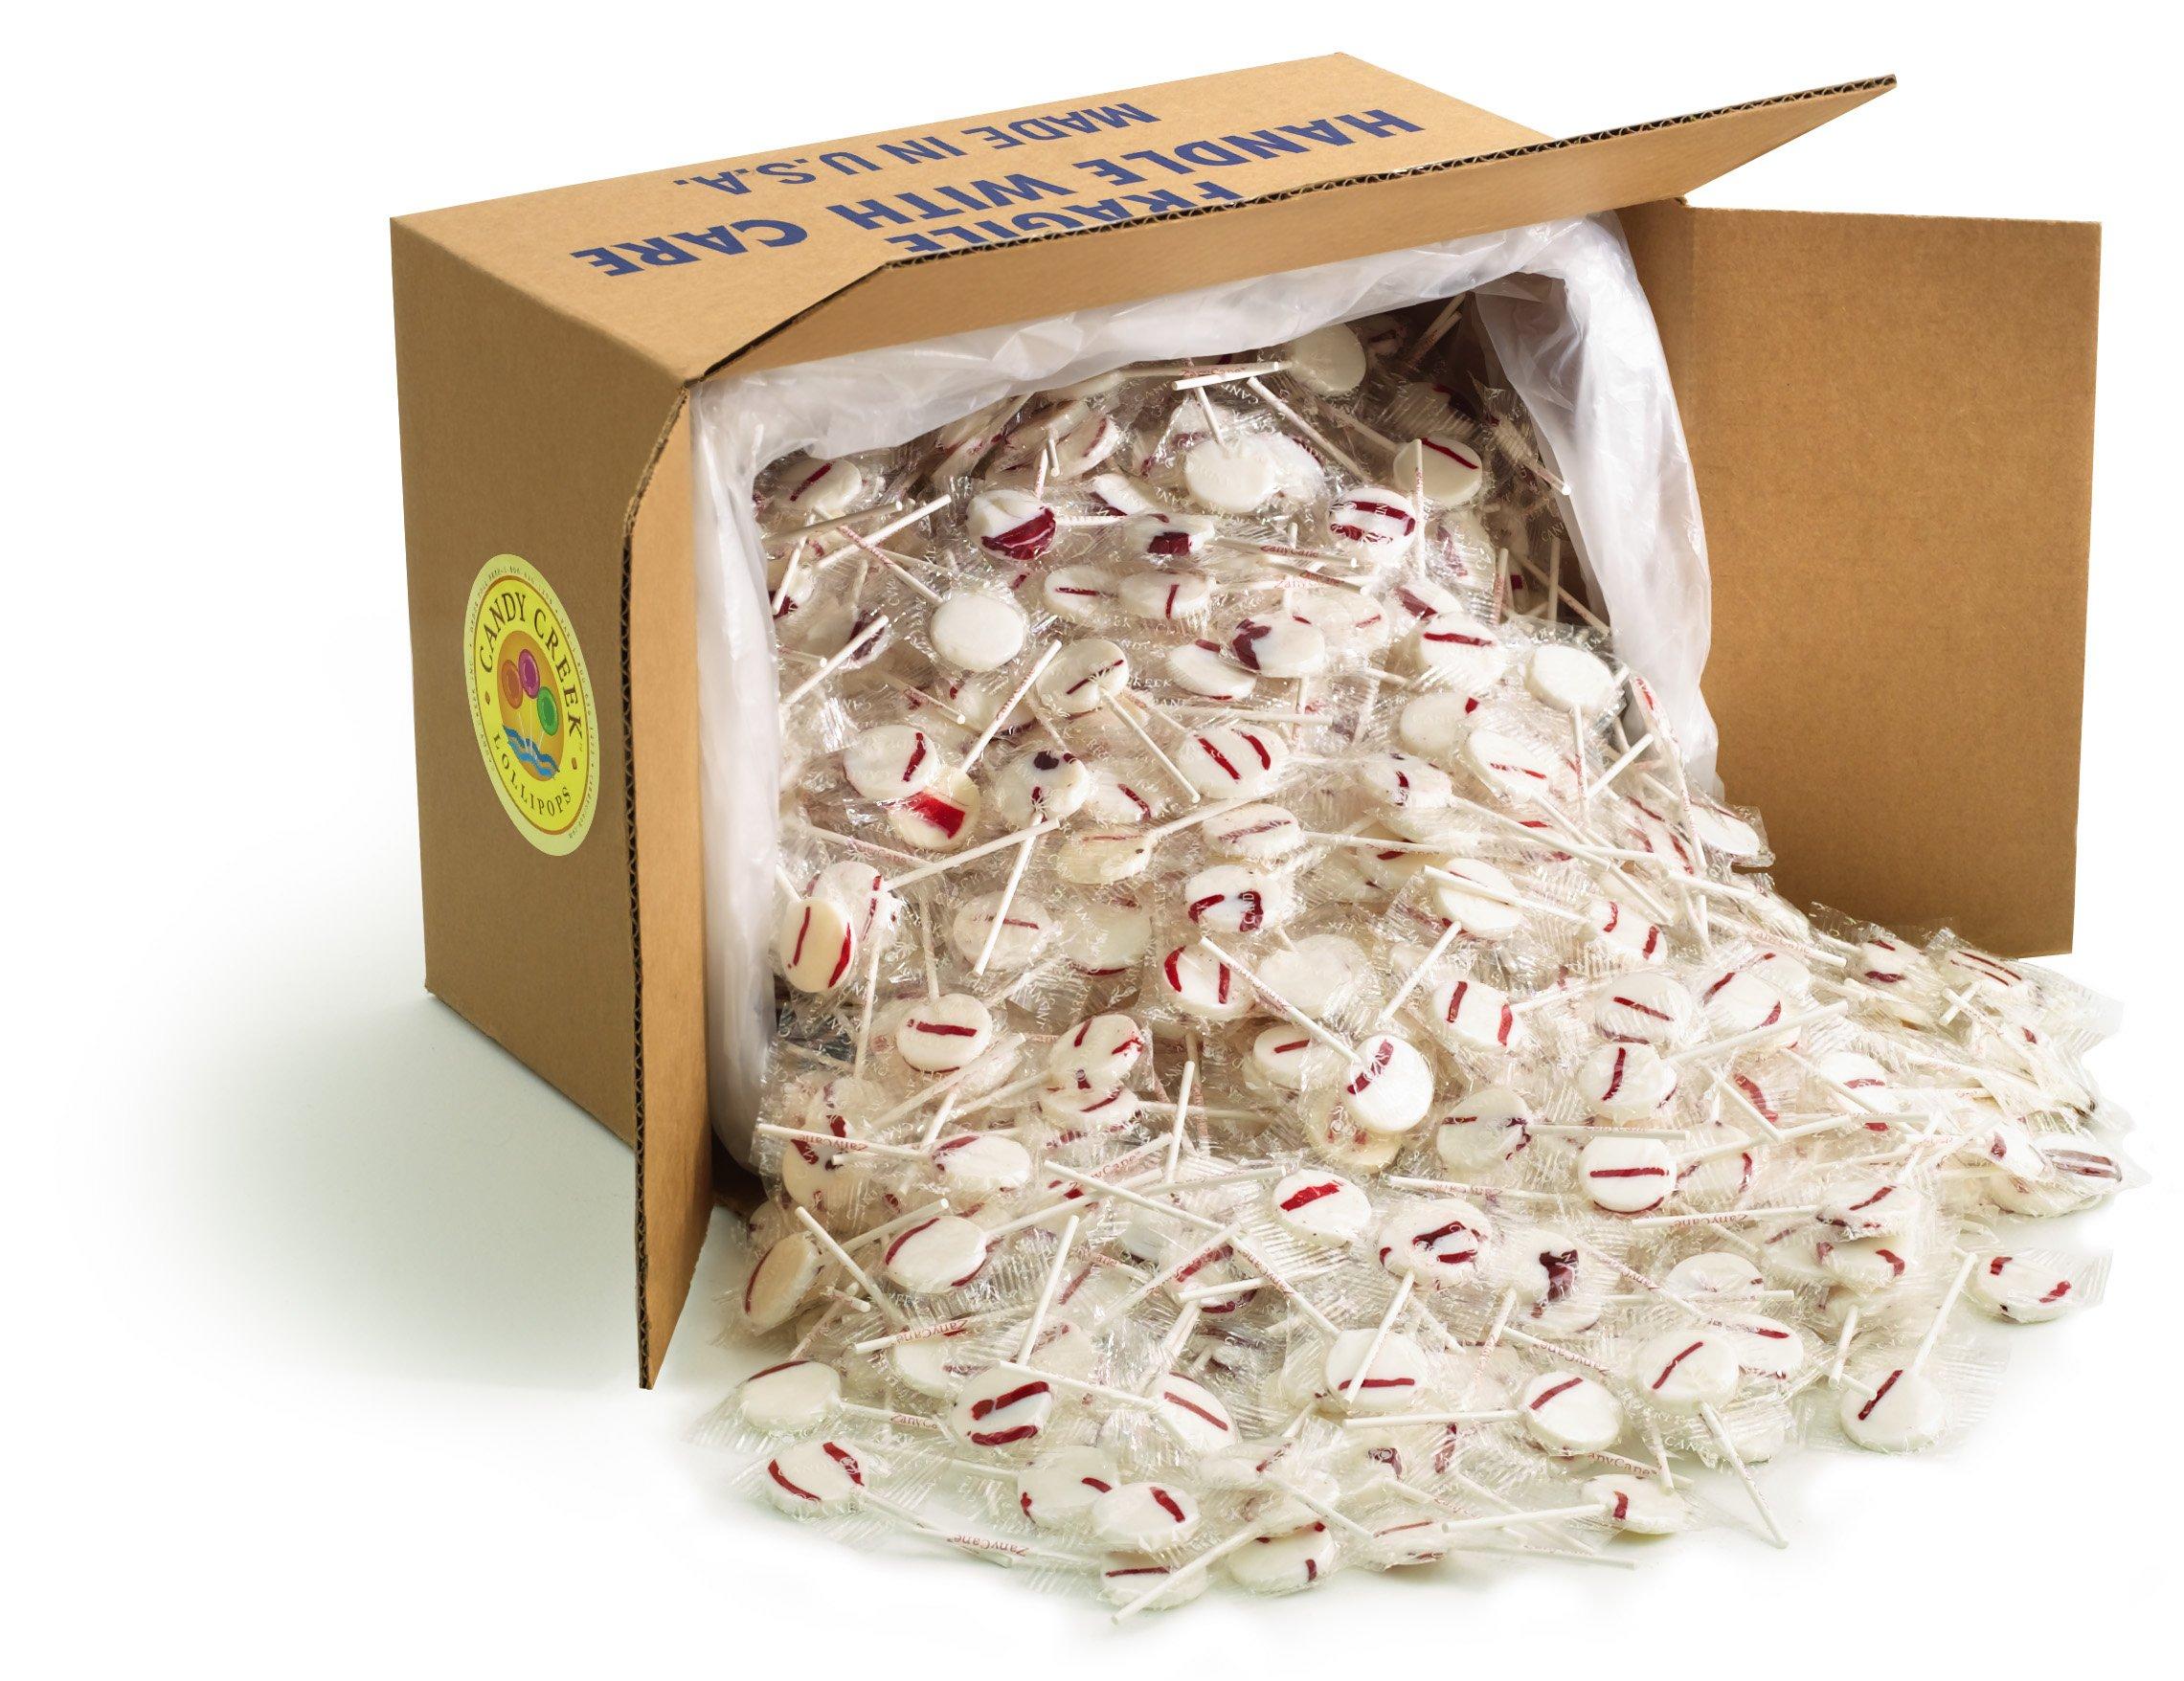 Peppermint Lollipops by Candy Creek, Bulk 18 lb. Carton, Zany Cane by Candy Creek Lollipops